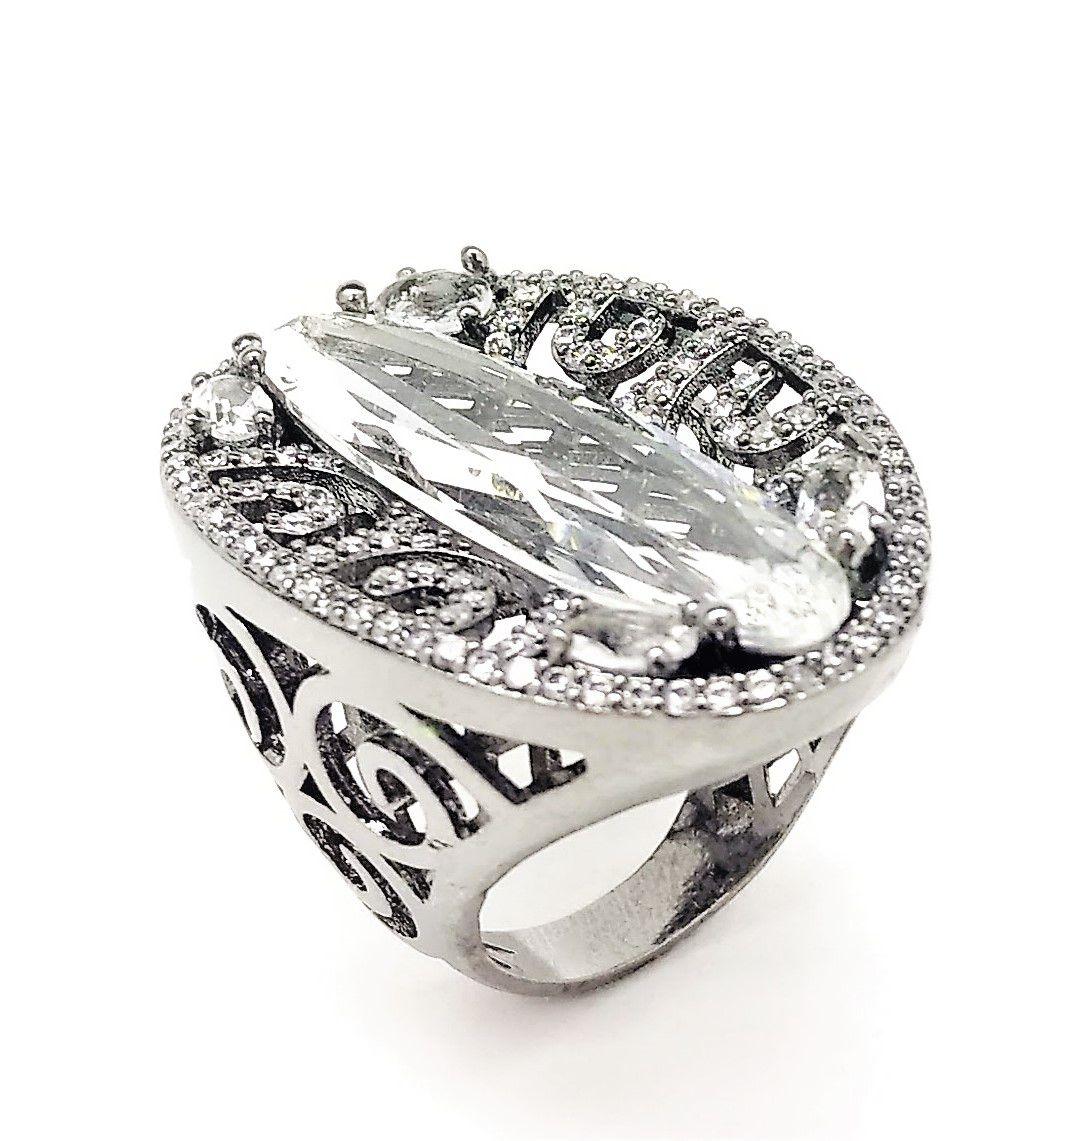 Conjunto De Anel  Brincos E Cordão Com Pingente Cristal De Rocha Cravejados Ródio Negro 4040 4041 4042